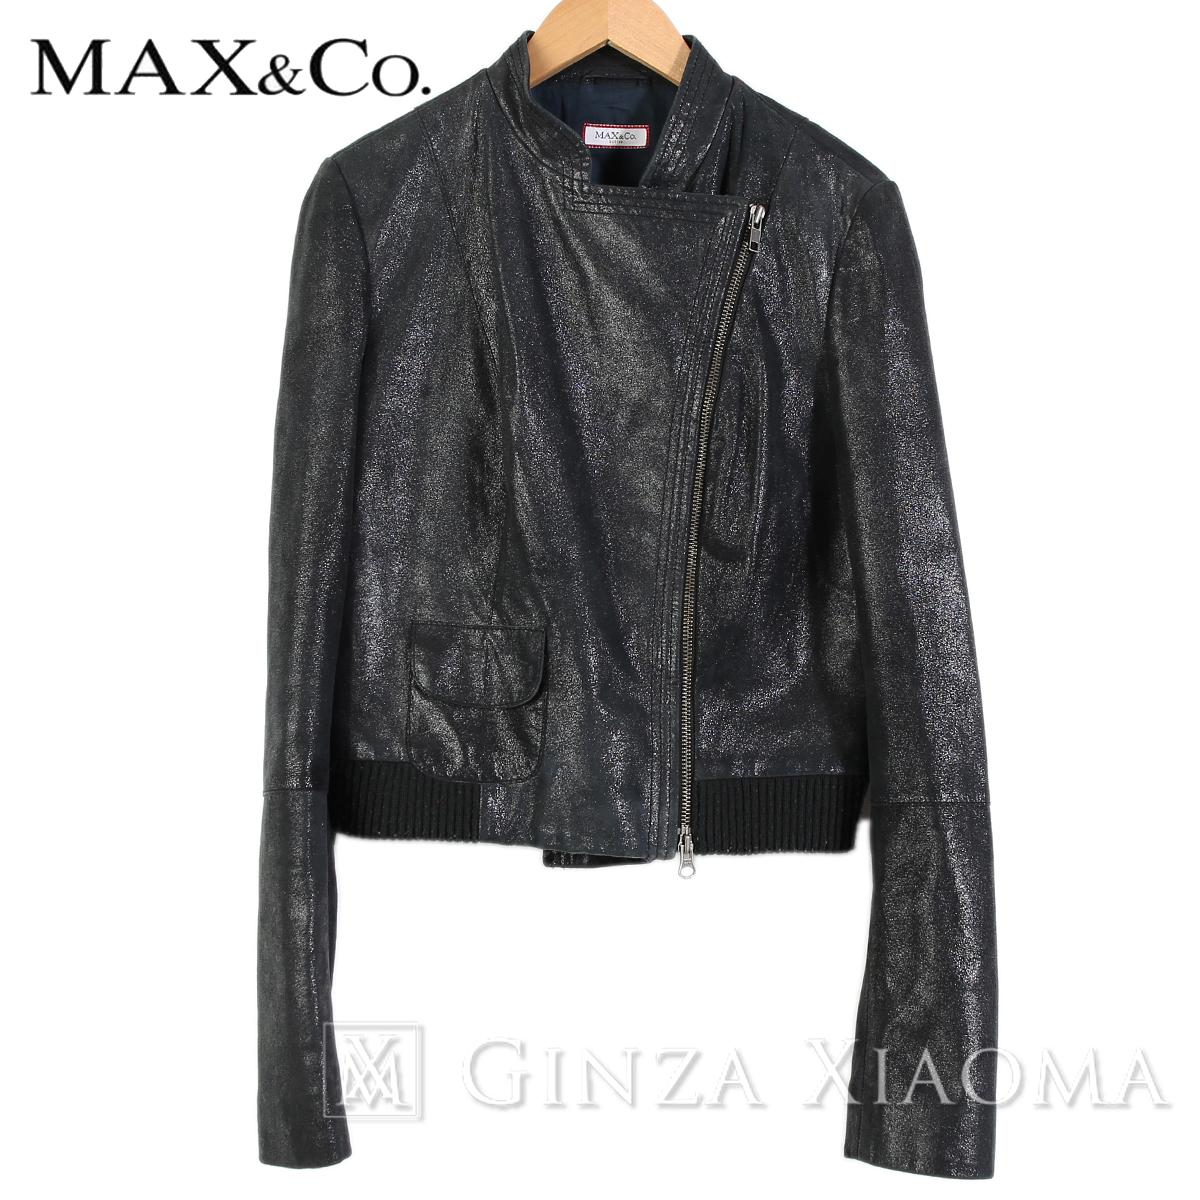 【美品】MAX&Co マックス&コー アウター レザーブルゾン ブラック 中古